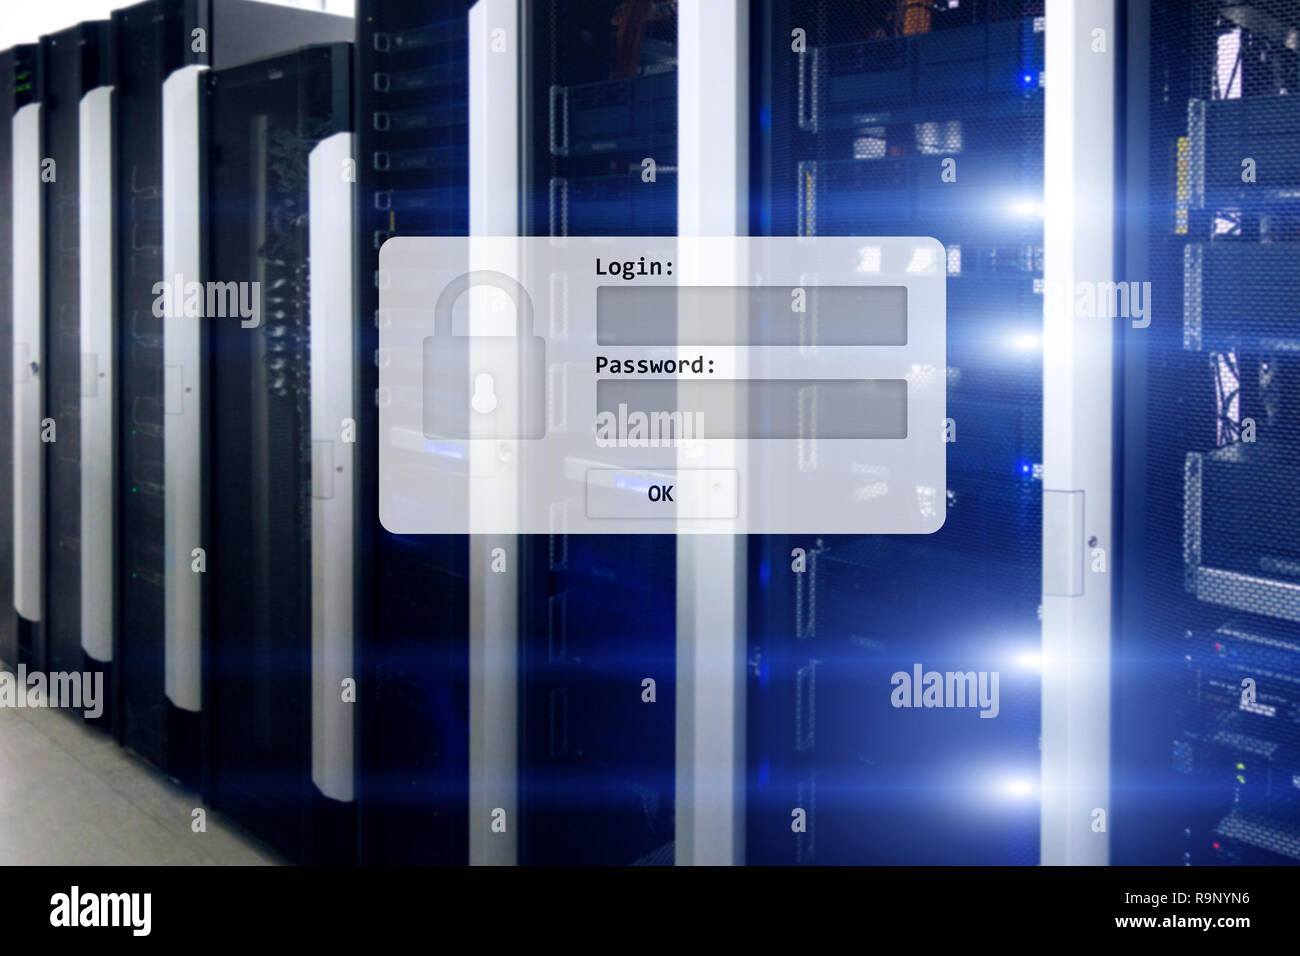 La sala server, login e password richiesta, accesso ai dati e la loro sicurezza. Foto Stock